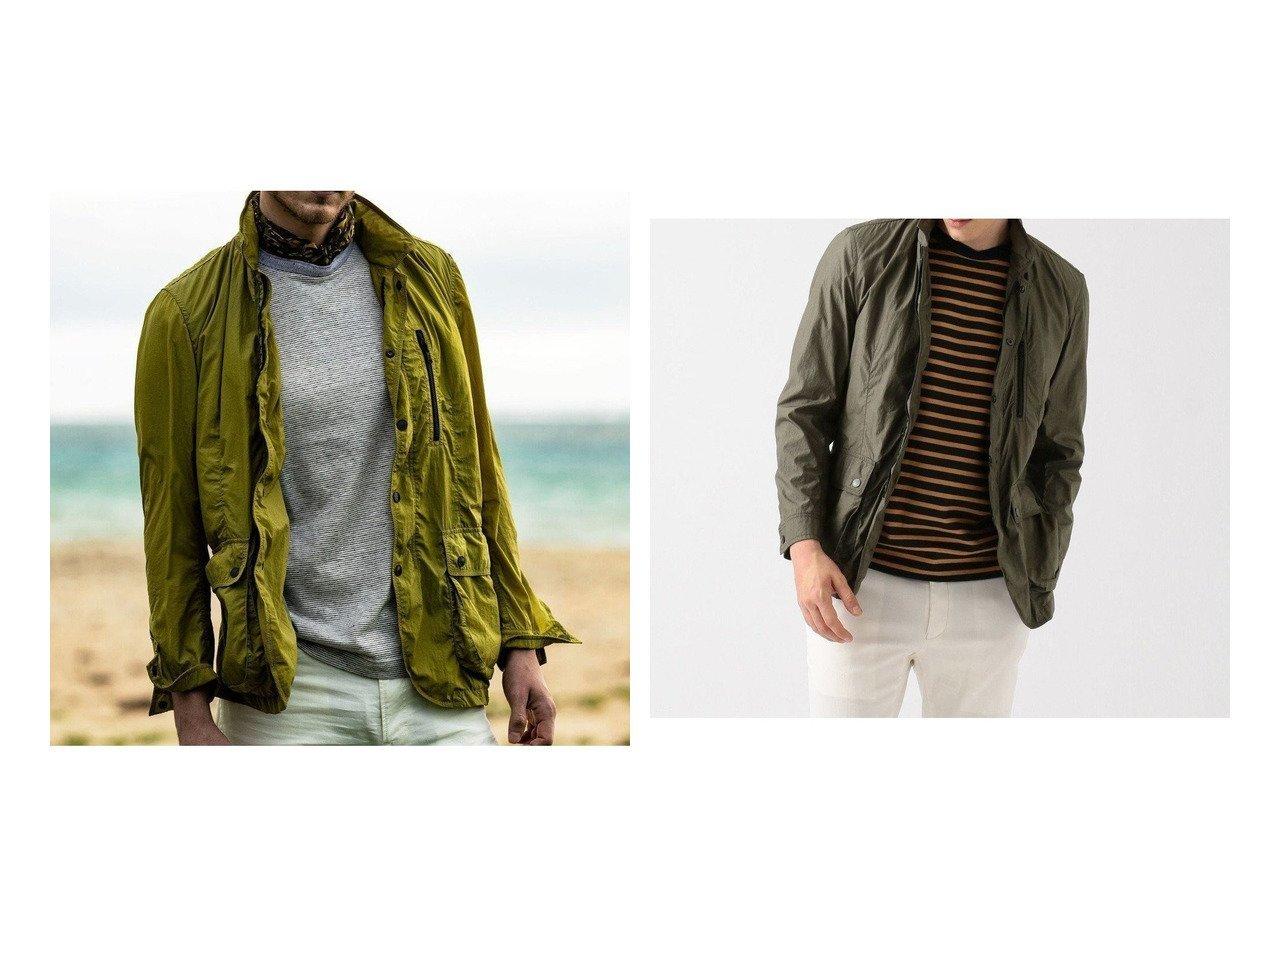 【JOSEPH ABBOUD / MEN/ジョセフ アブード】の【JOE GUARD】ライトワッシャー ブルゾン 【MEN】おすすめ!人気トレンド・男性、メンズファッションの通販 おすすめで人気の流行・トレンド、ファッションの通販商品 インテリア・家具・メンズファッション・キッズファッション・レディースファッション・服の通販 founy(ファニー) https://founy.com/ ファッション Fashion メンズファッション MEN アウター Coats Outerwear/Men ブルゾン Blouson/Jackets 軽量 ジャケット スタンド セーター ブルゾン ワッシャー 送料無料 Free Shipping |ID:crp329100000042507